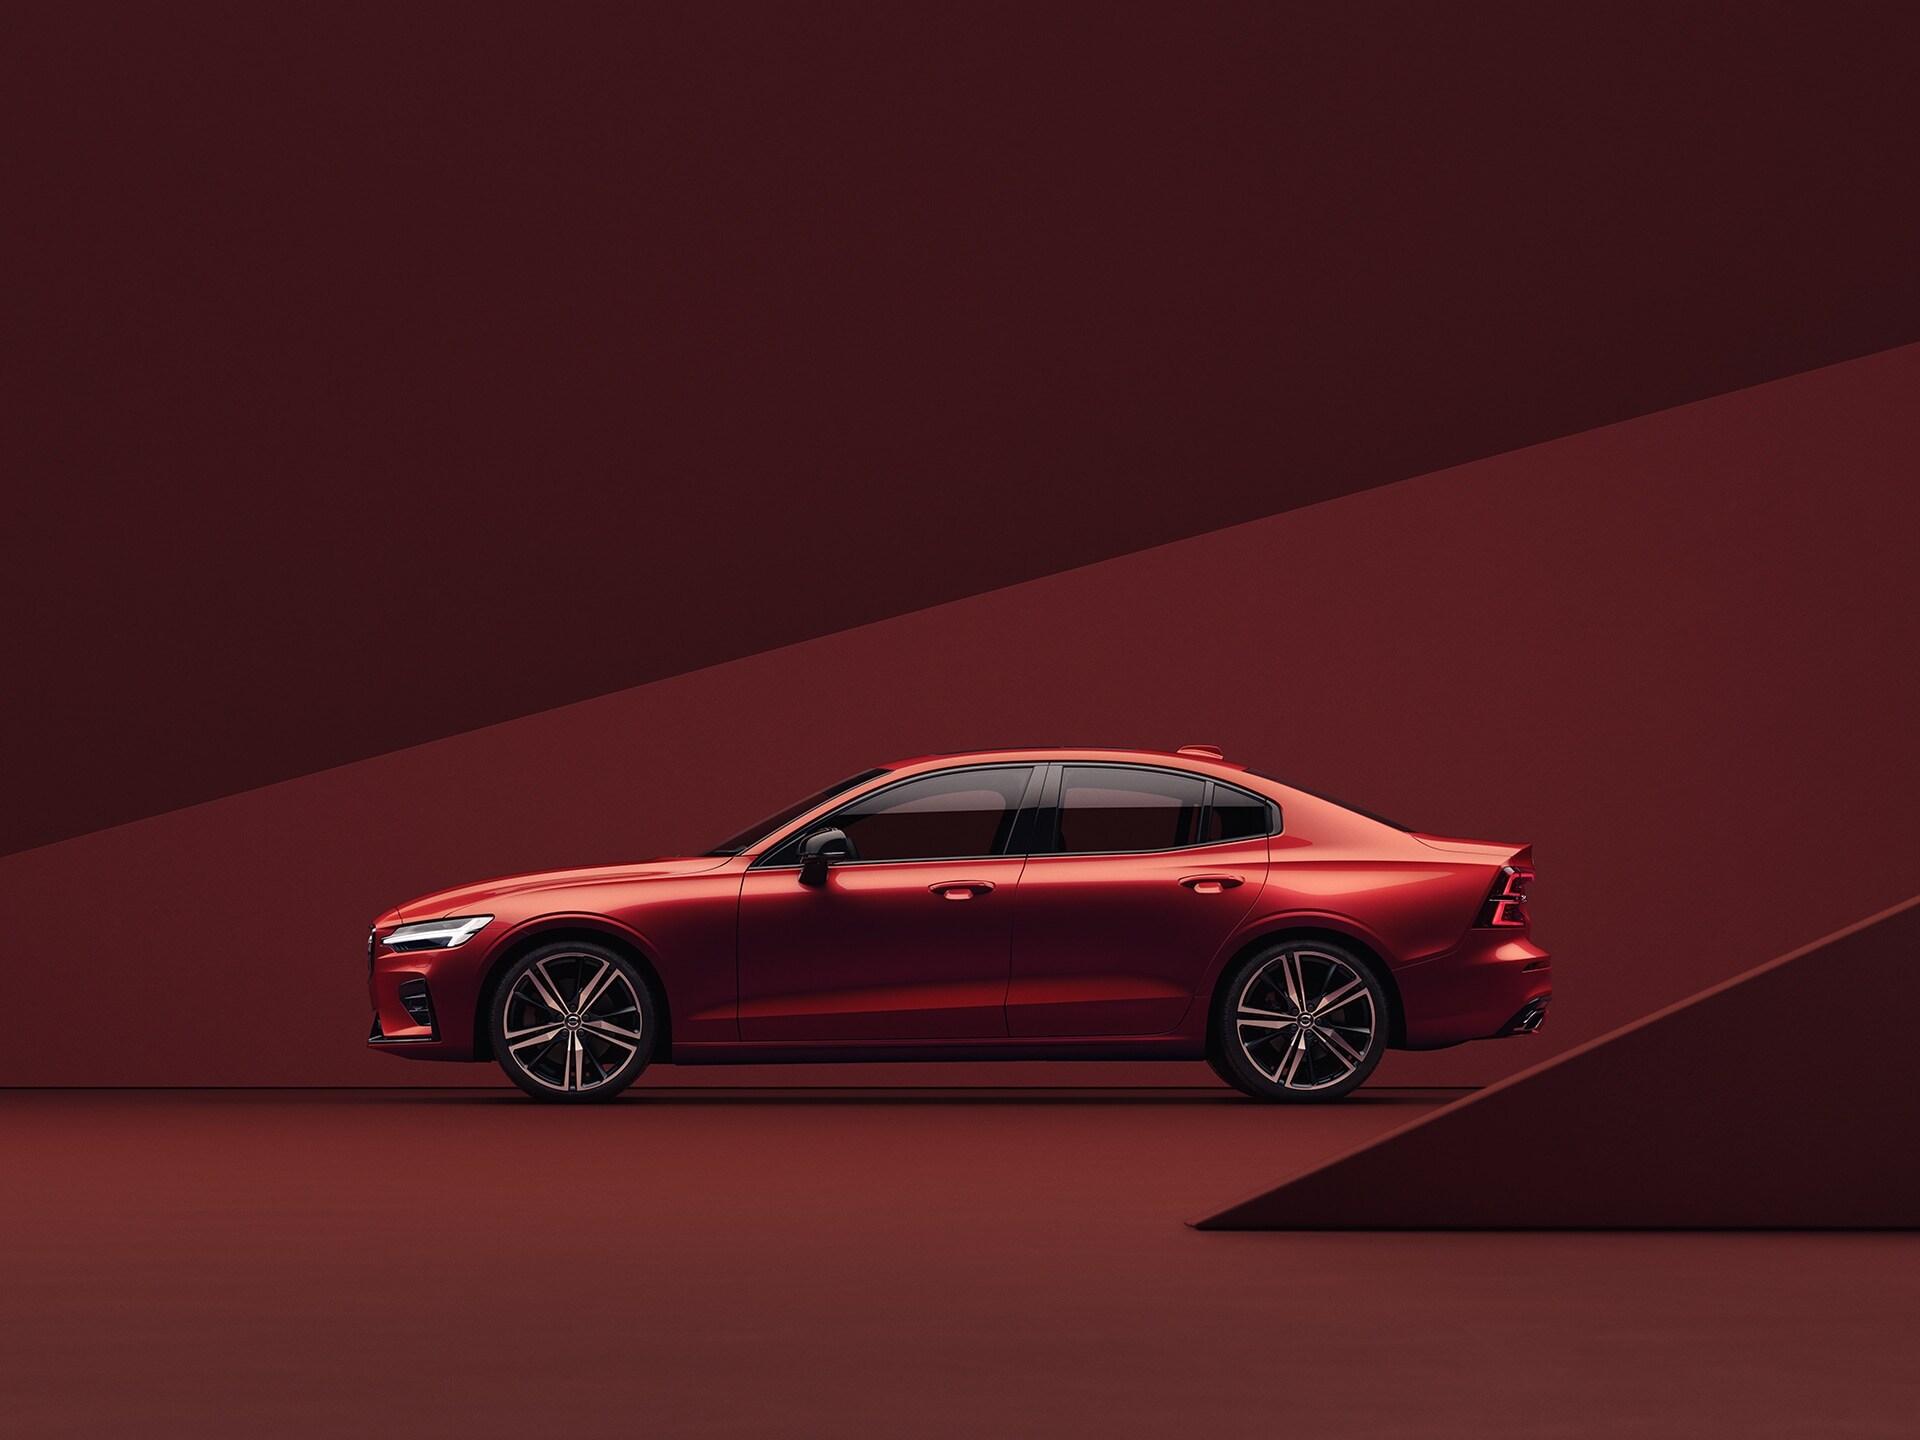 """Raudonas """"Volvo S60"""", pastatytas raudonoje aplinkoje."""